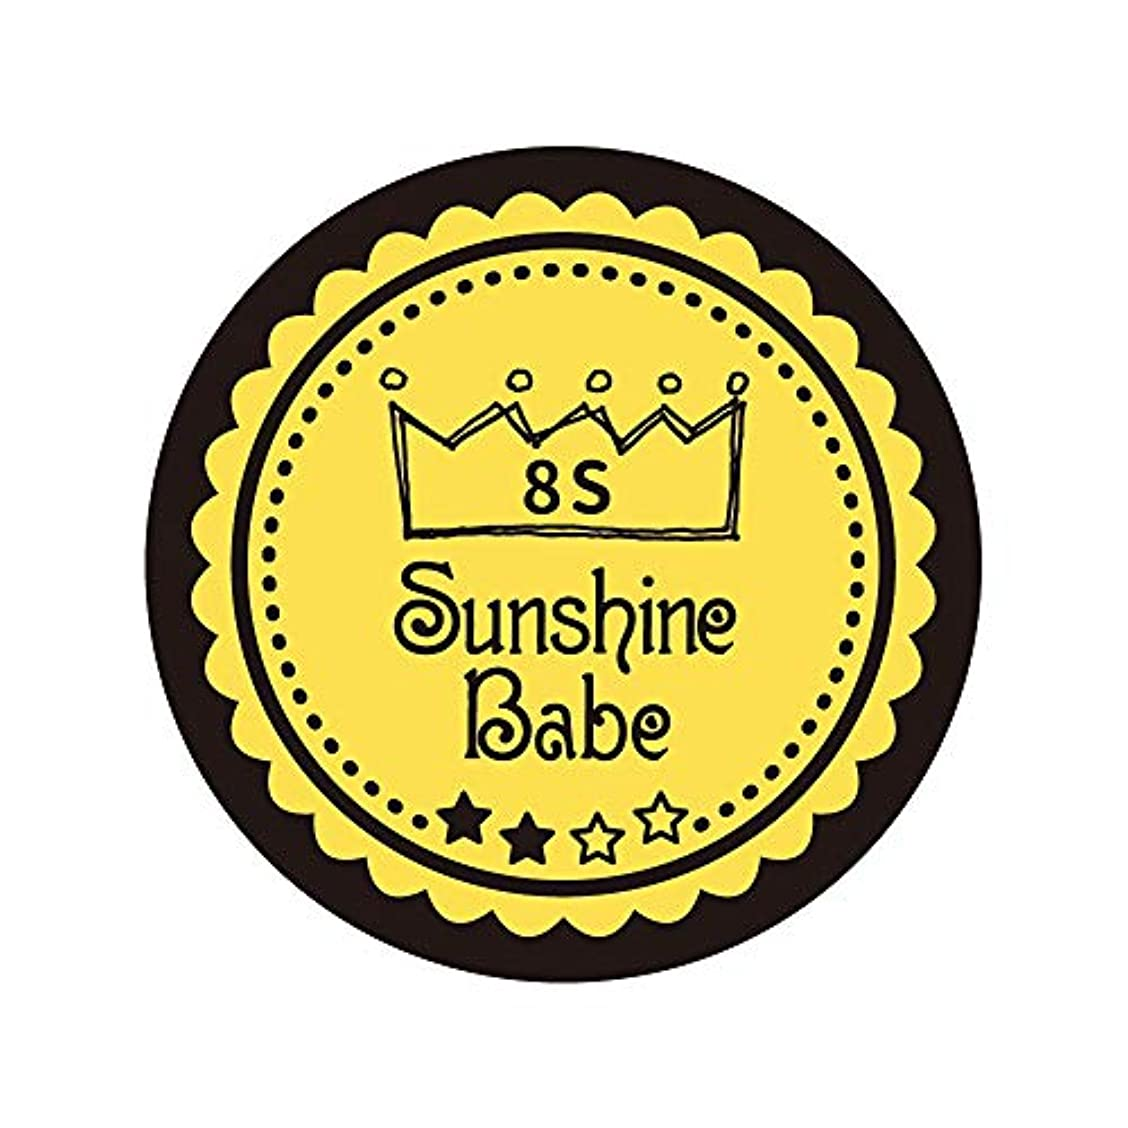 鎖アジテーション橋Sunshine Babe カラージェル 8S メドウラーク 2.7g UV/LED対応